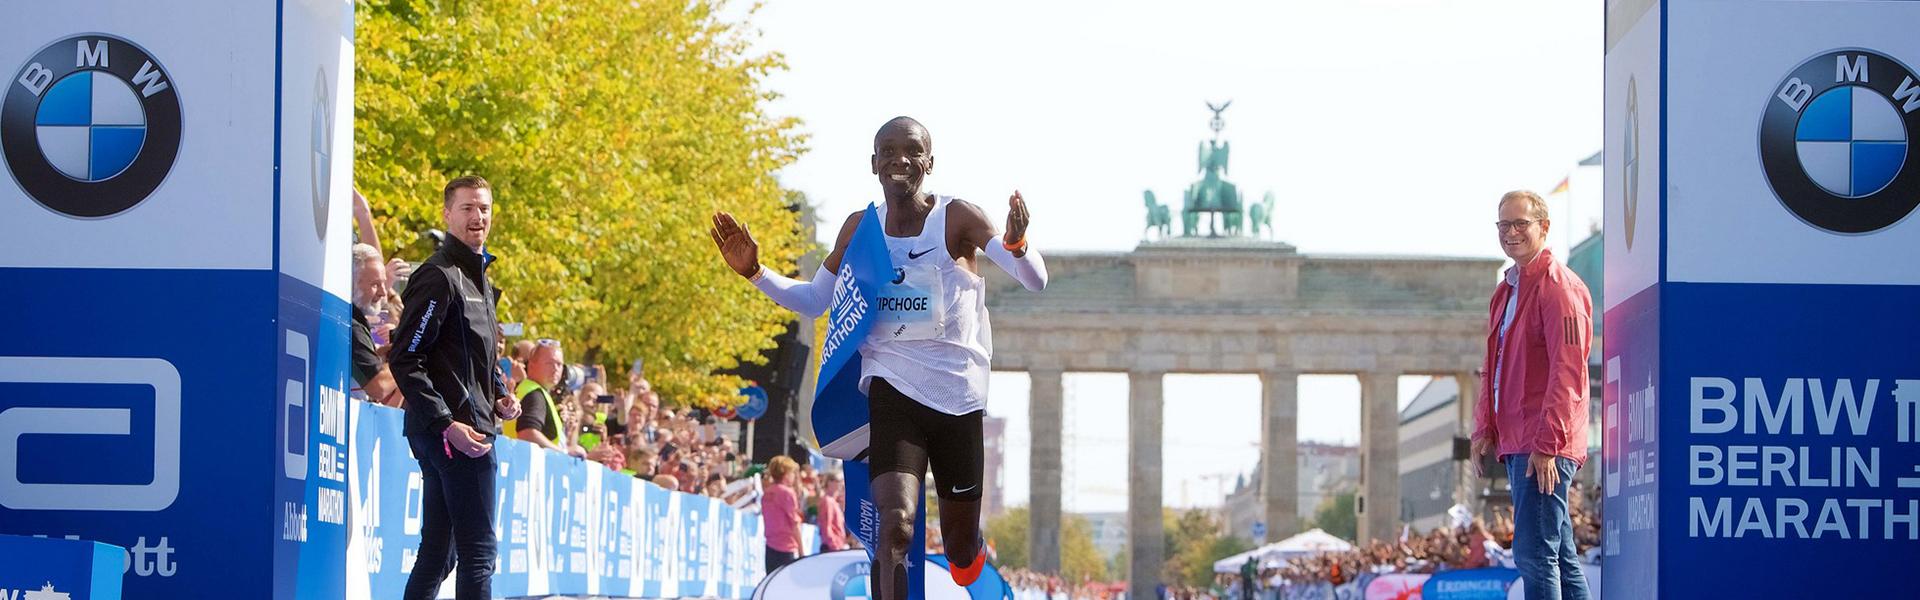 Acea Run Rome The Marathon + Bmw Berlin Marathon